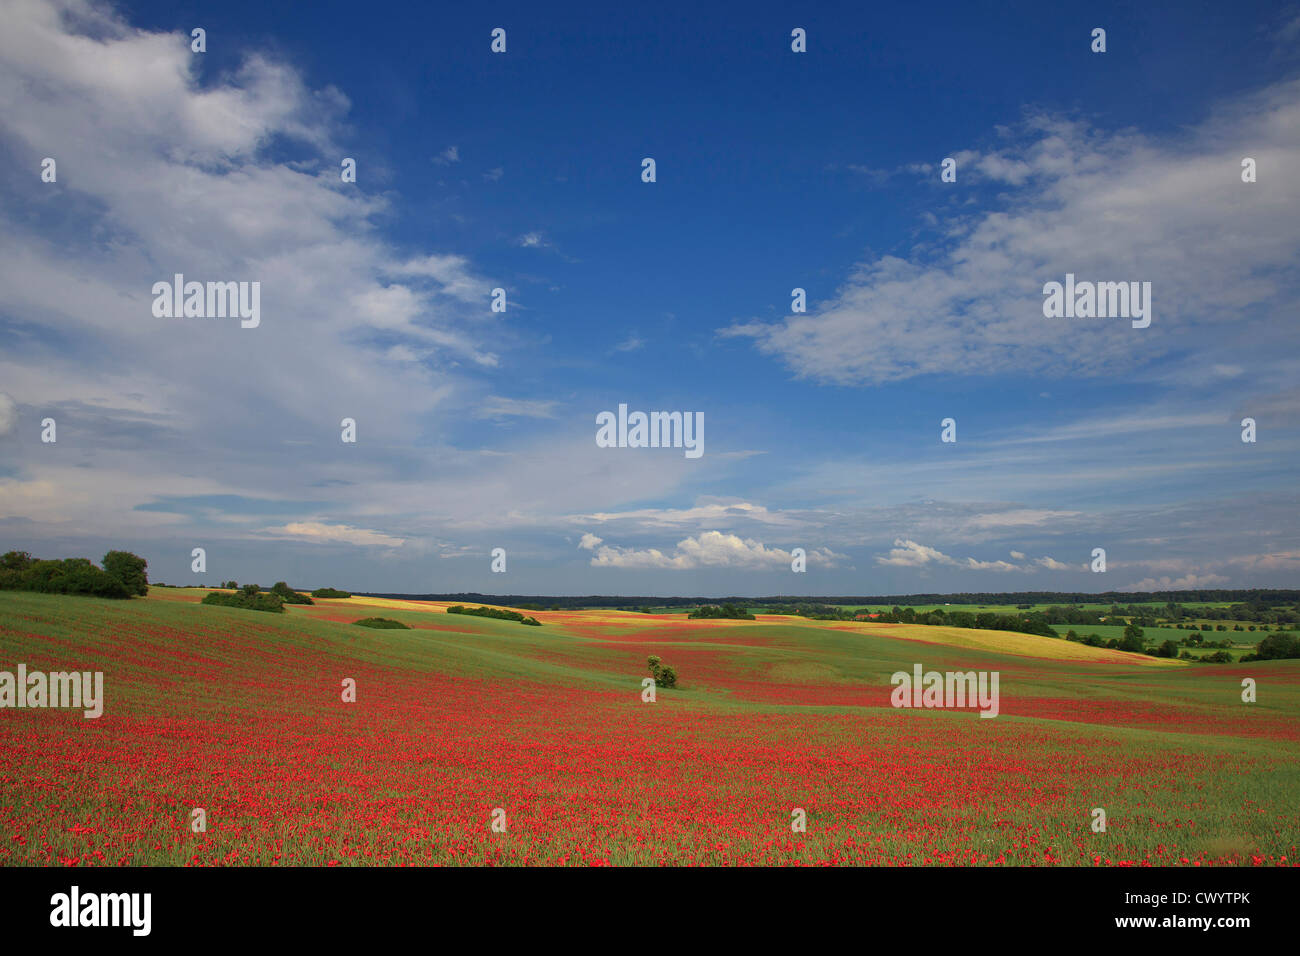 Corn poppy field in Uckermark, Brandenburg, Germany - Stock Image